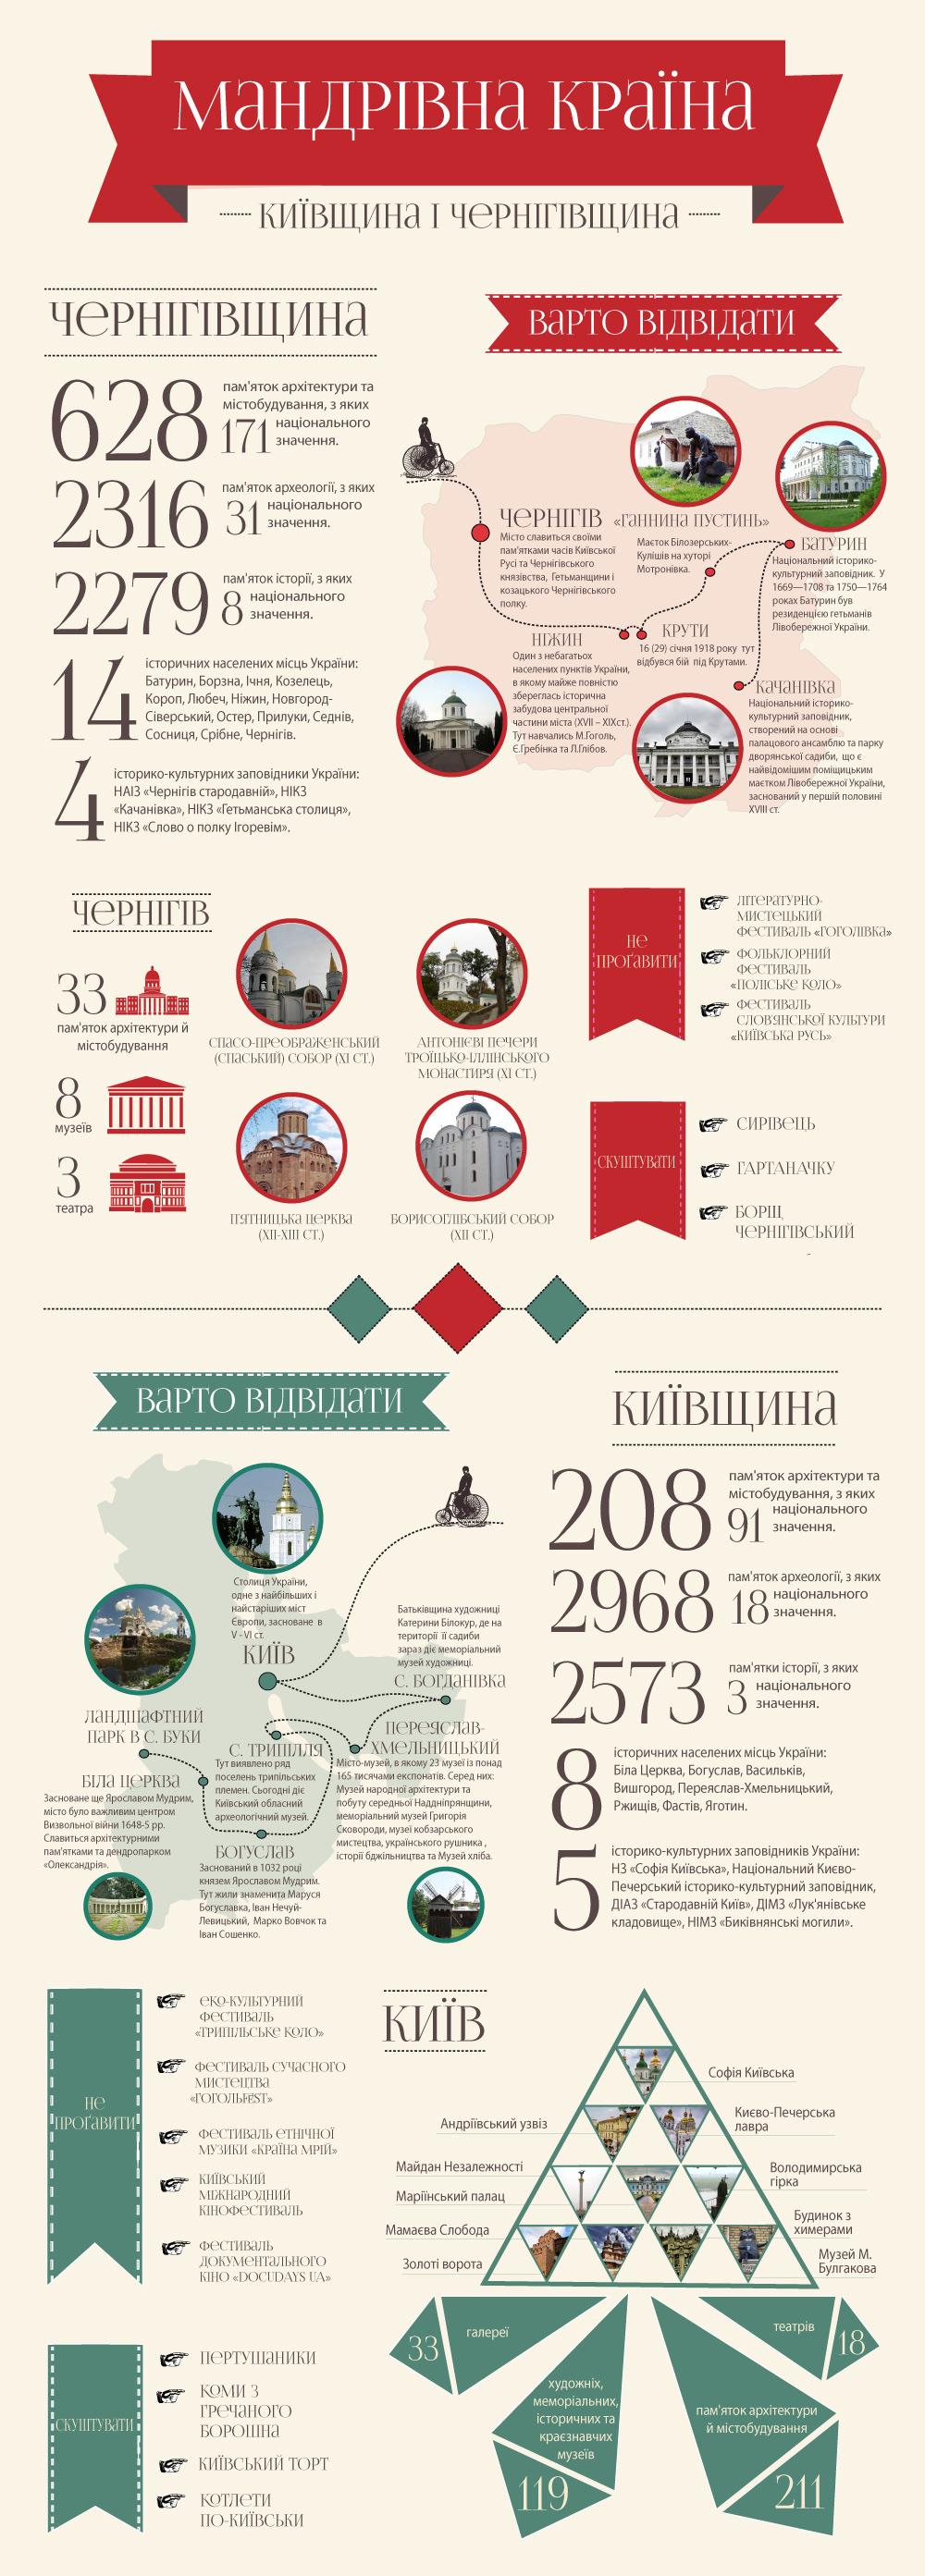 чернігівщина і київщина